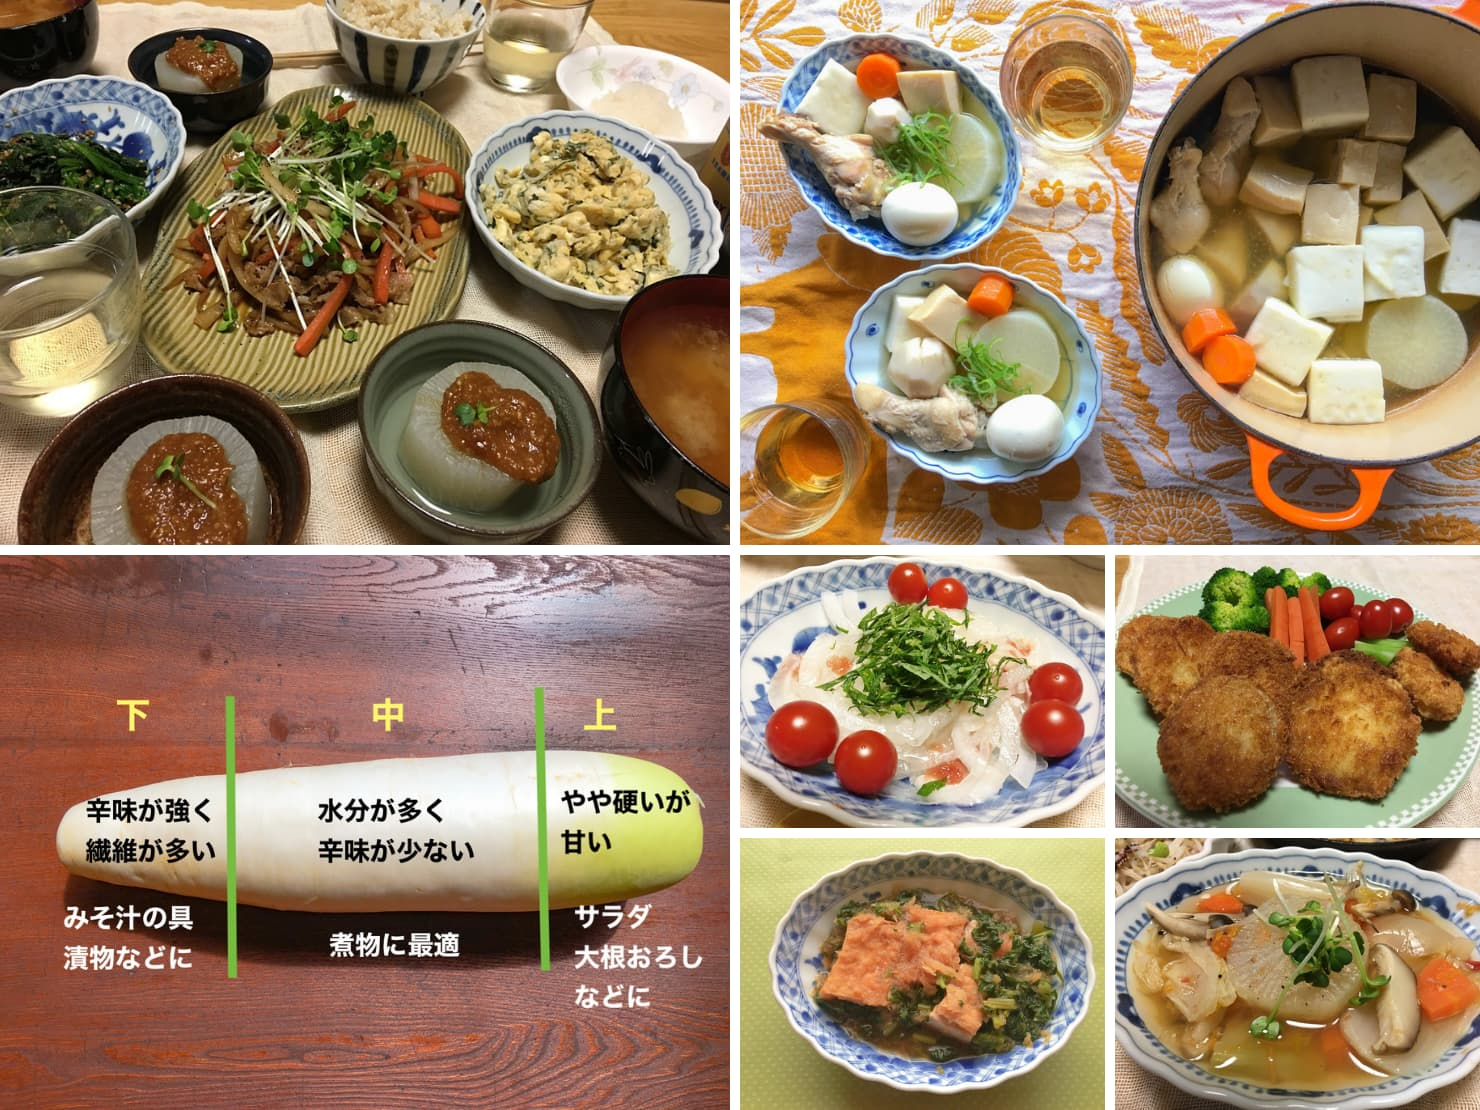 大根の料理の写真